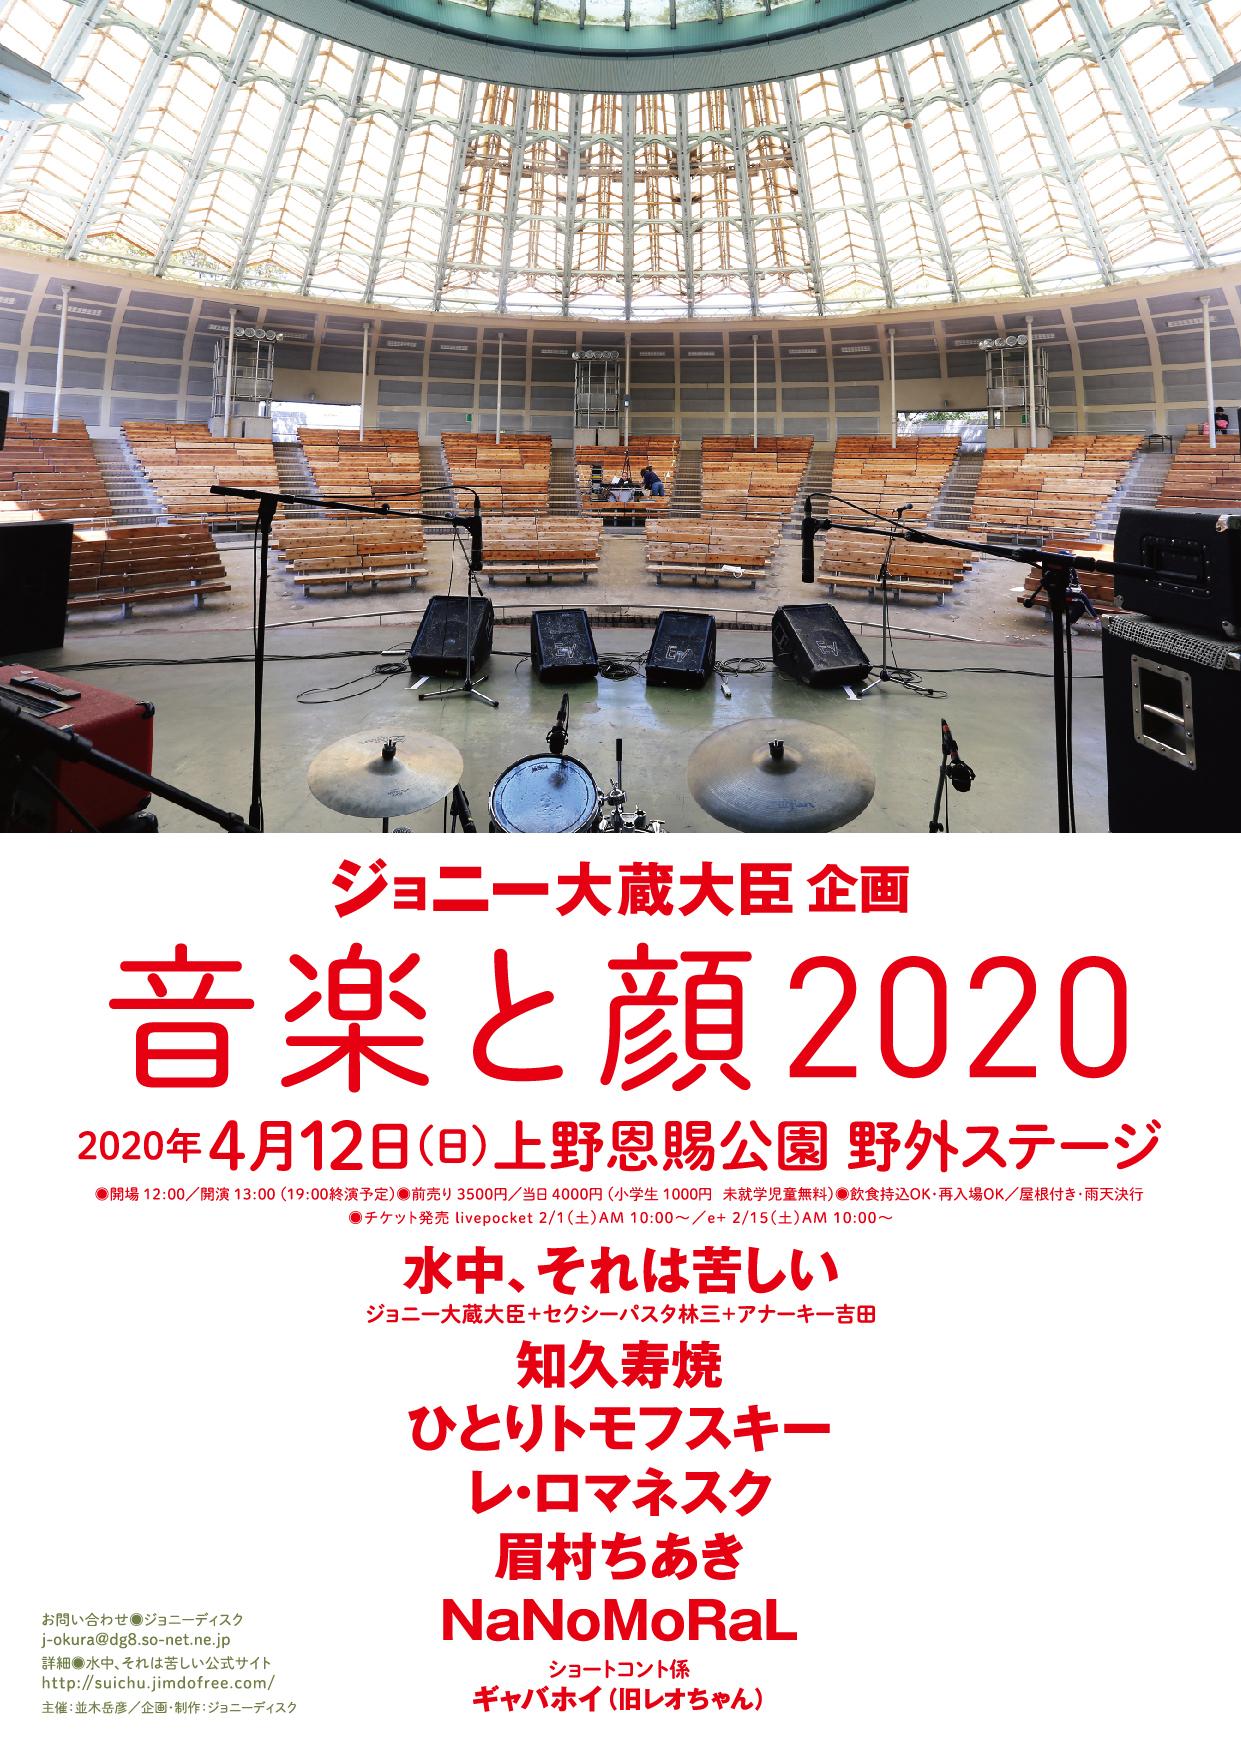 ジョニー大蔵大臣企画『音楽と顔2020』